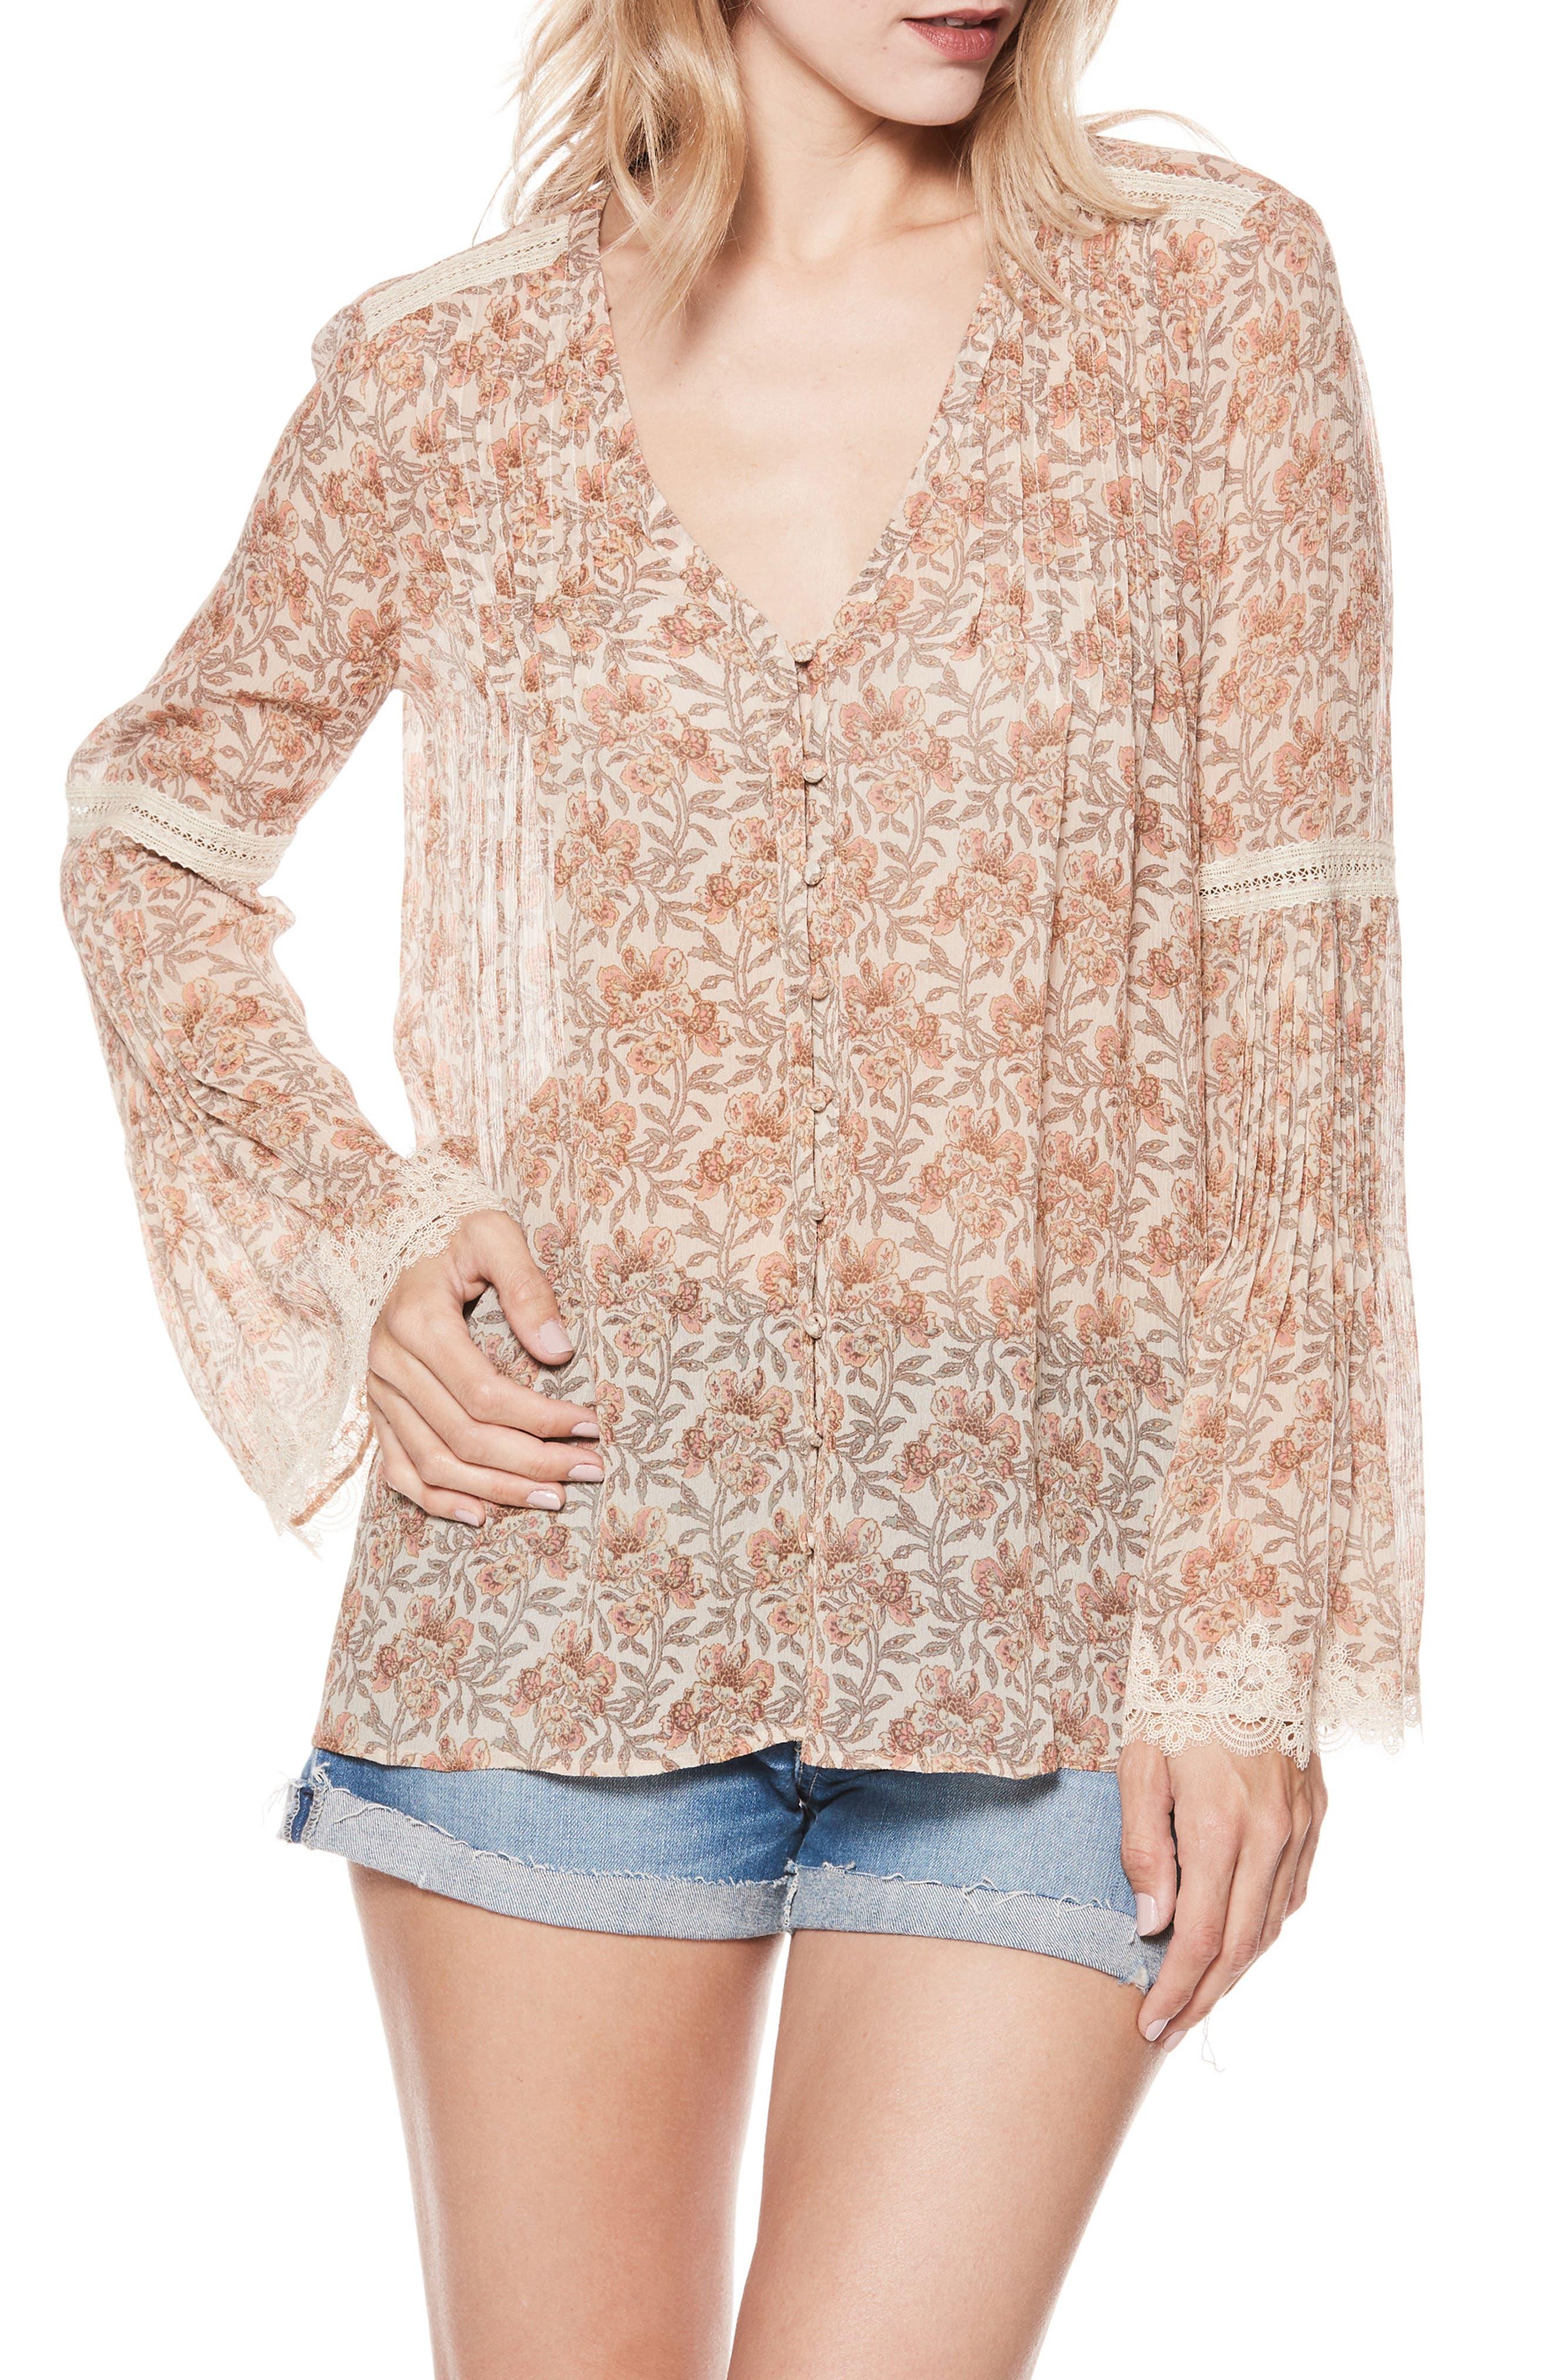 Clio Silk Blouse,                             Main thumbnail 1, color,                             Desert Sunrise Floral